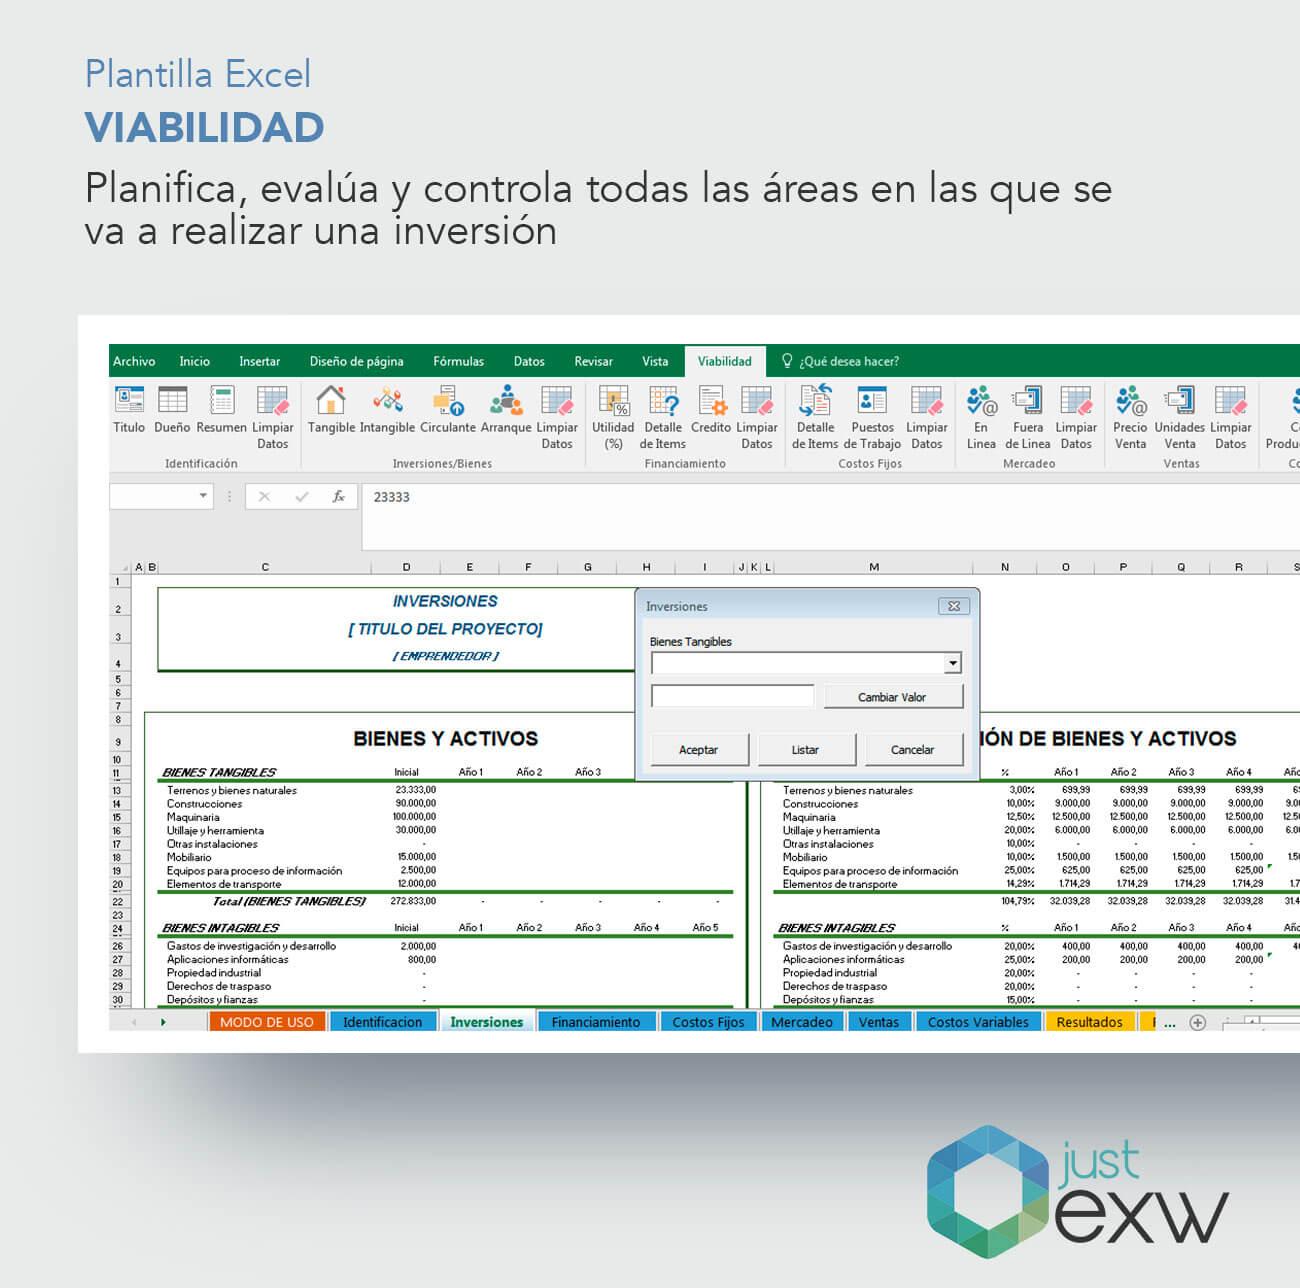 Plantilla Premium Plan Viabilidad Empresas | Plantilla de Excel ...